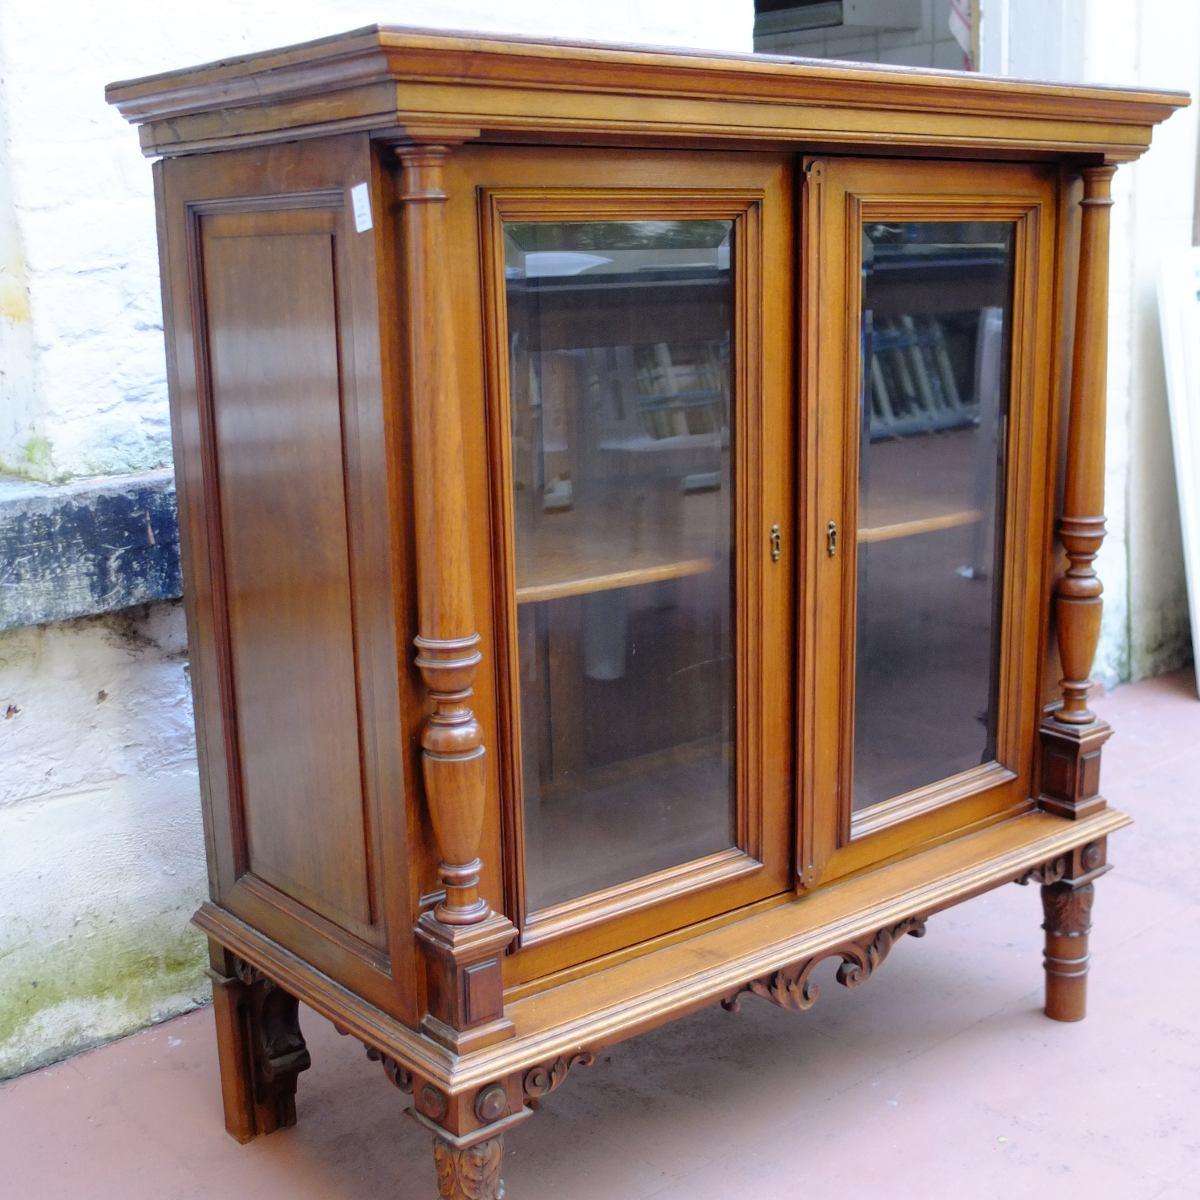 Mueble antiguo peque a biblioteca de dormitorio 320 - Mueble chino antiguo ...